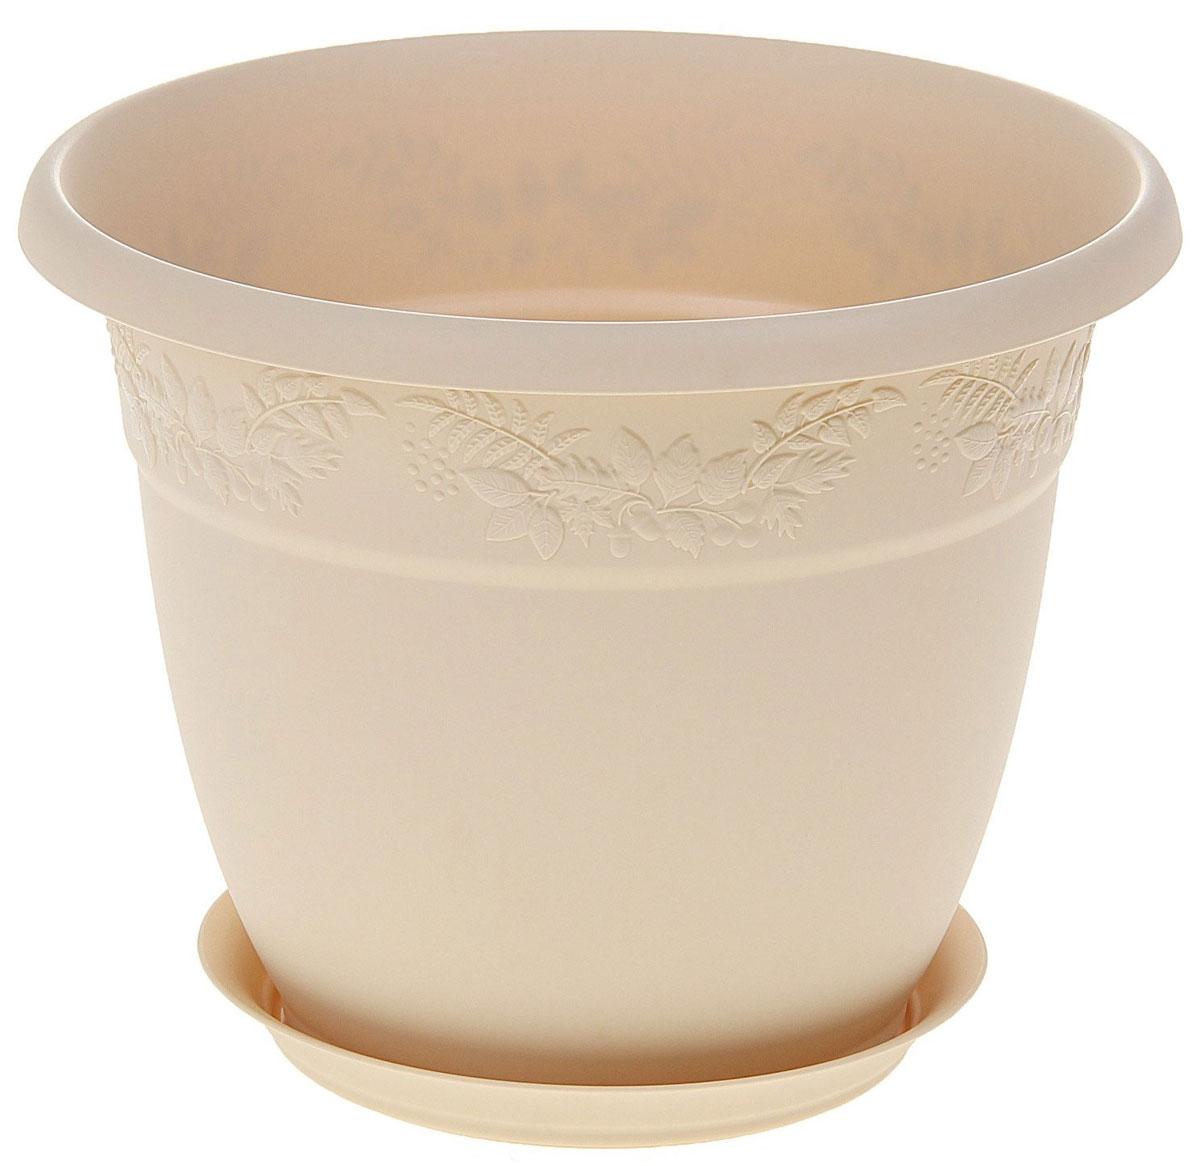 Кашпо Idea Рябина, с поддоном, цвет: белая глина, 3,6 л кашпо idea рябина с поддоном цвет терракотовый 2 3 л